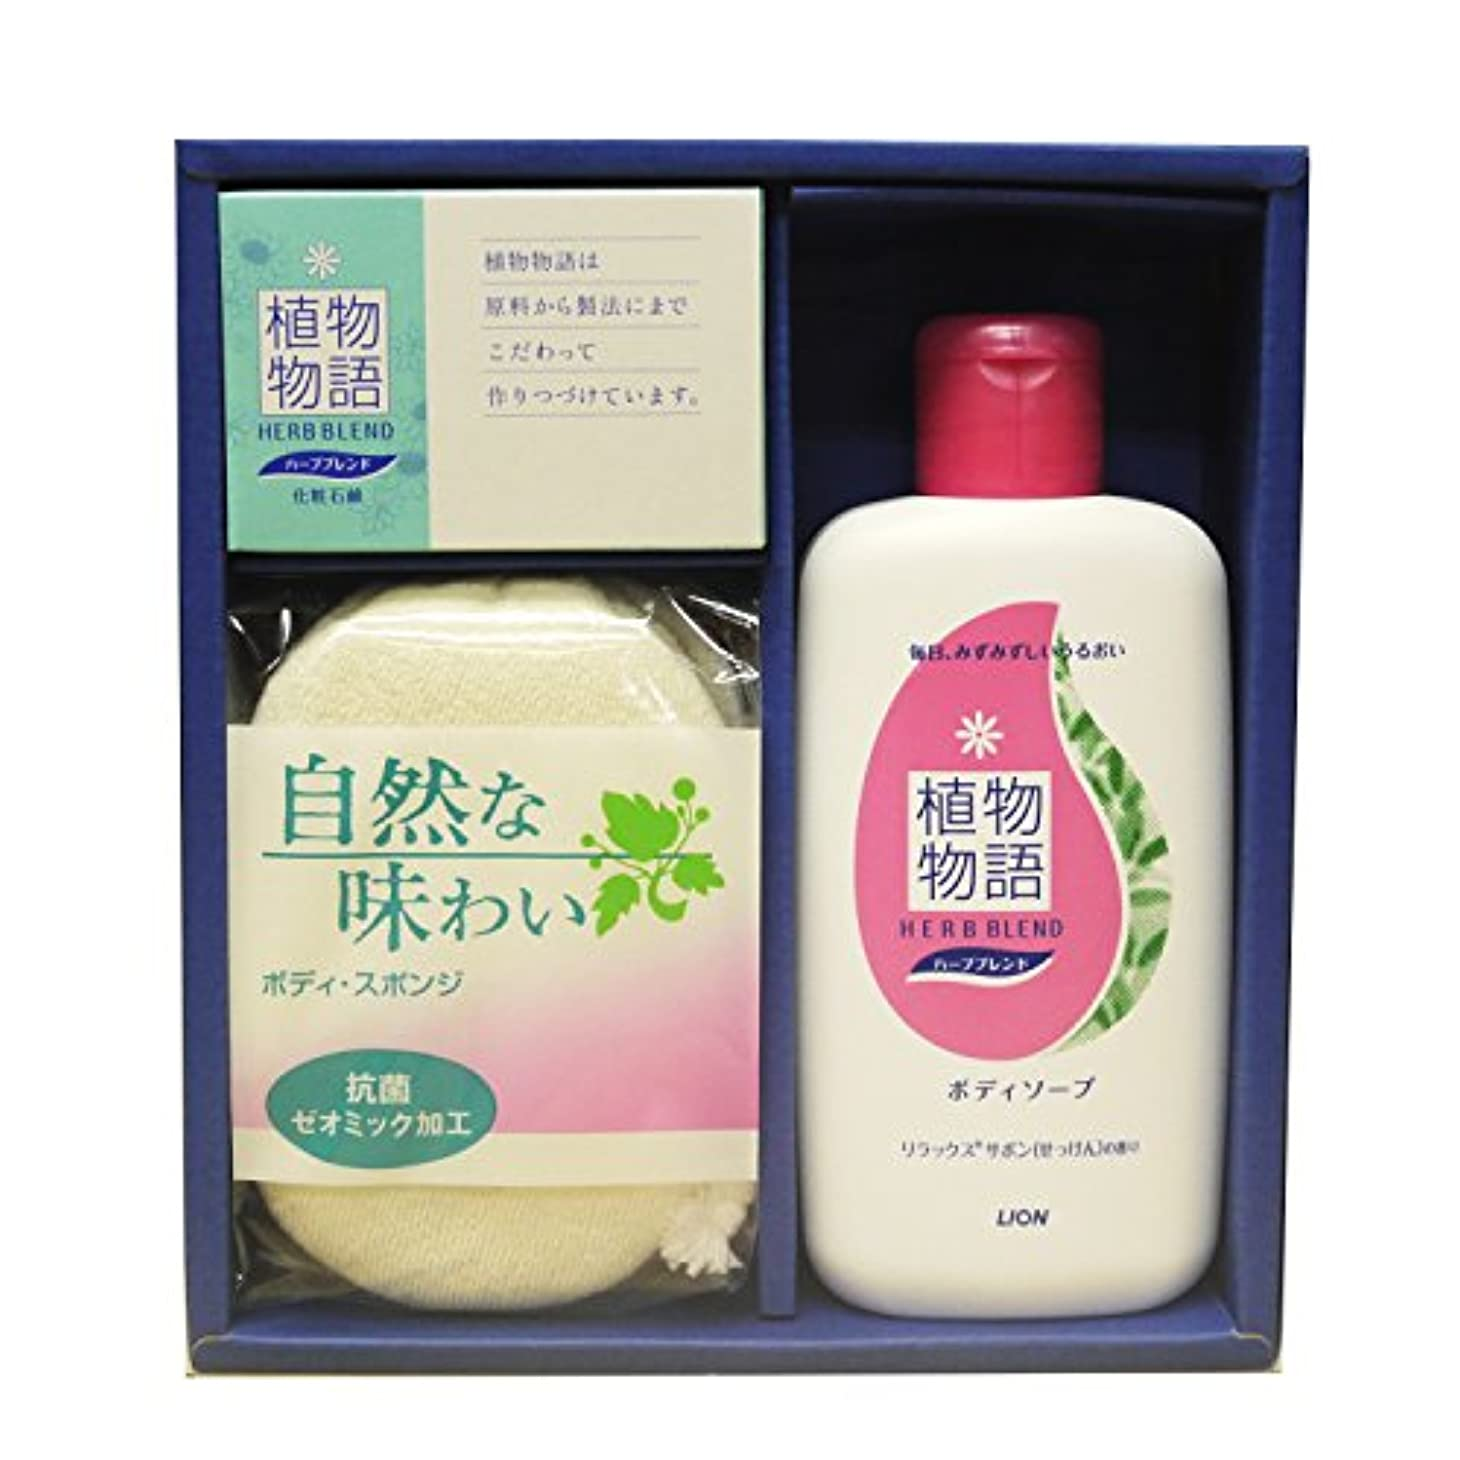 キノコ先行するきらきら植物物語ギフトセット ボディーソープ 化粧石鹸 スポンジ